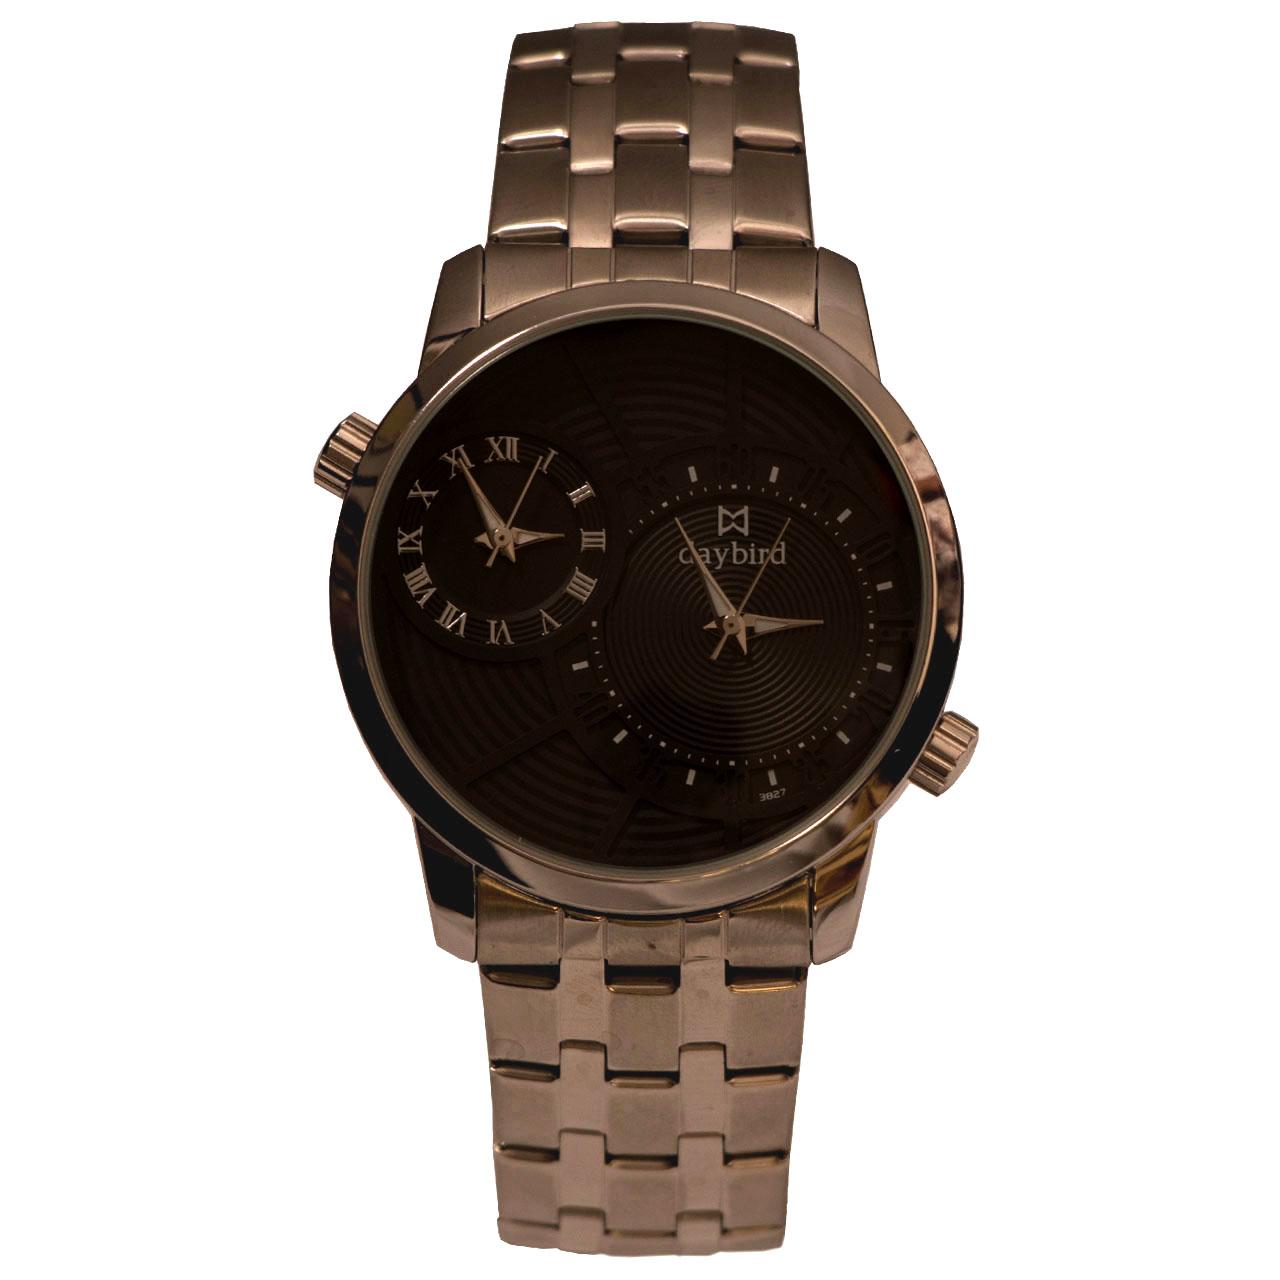 ساعت مچی عقربه ای مردانه دی برد مدل DAYBIRD22